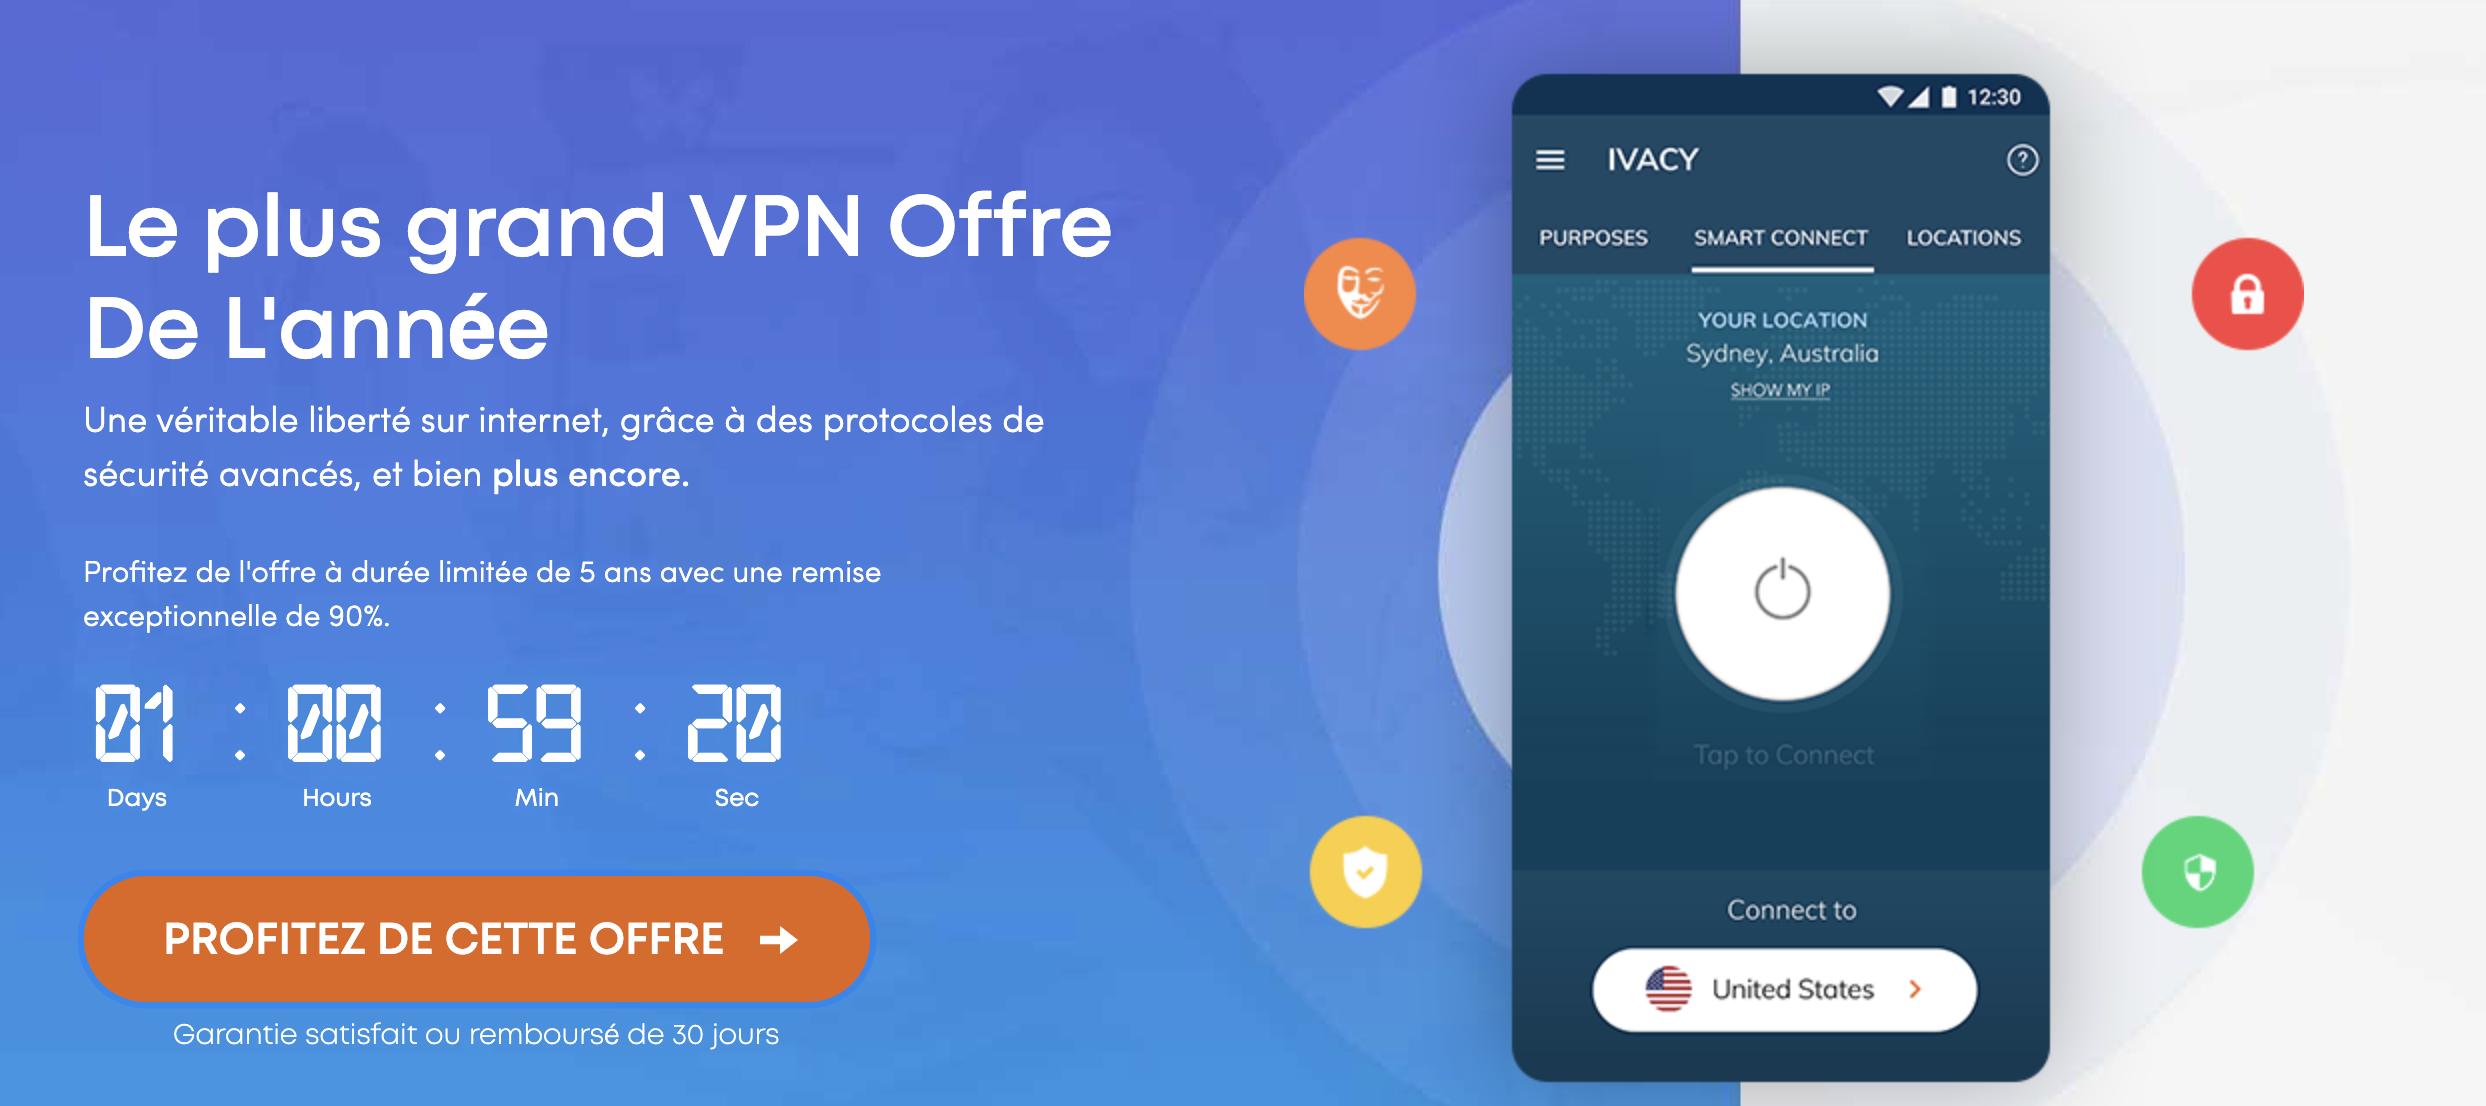 Ivacy : la solution VPN complète 0,8€ par mois